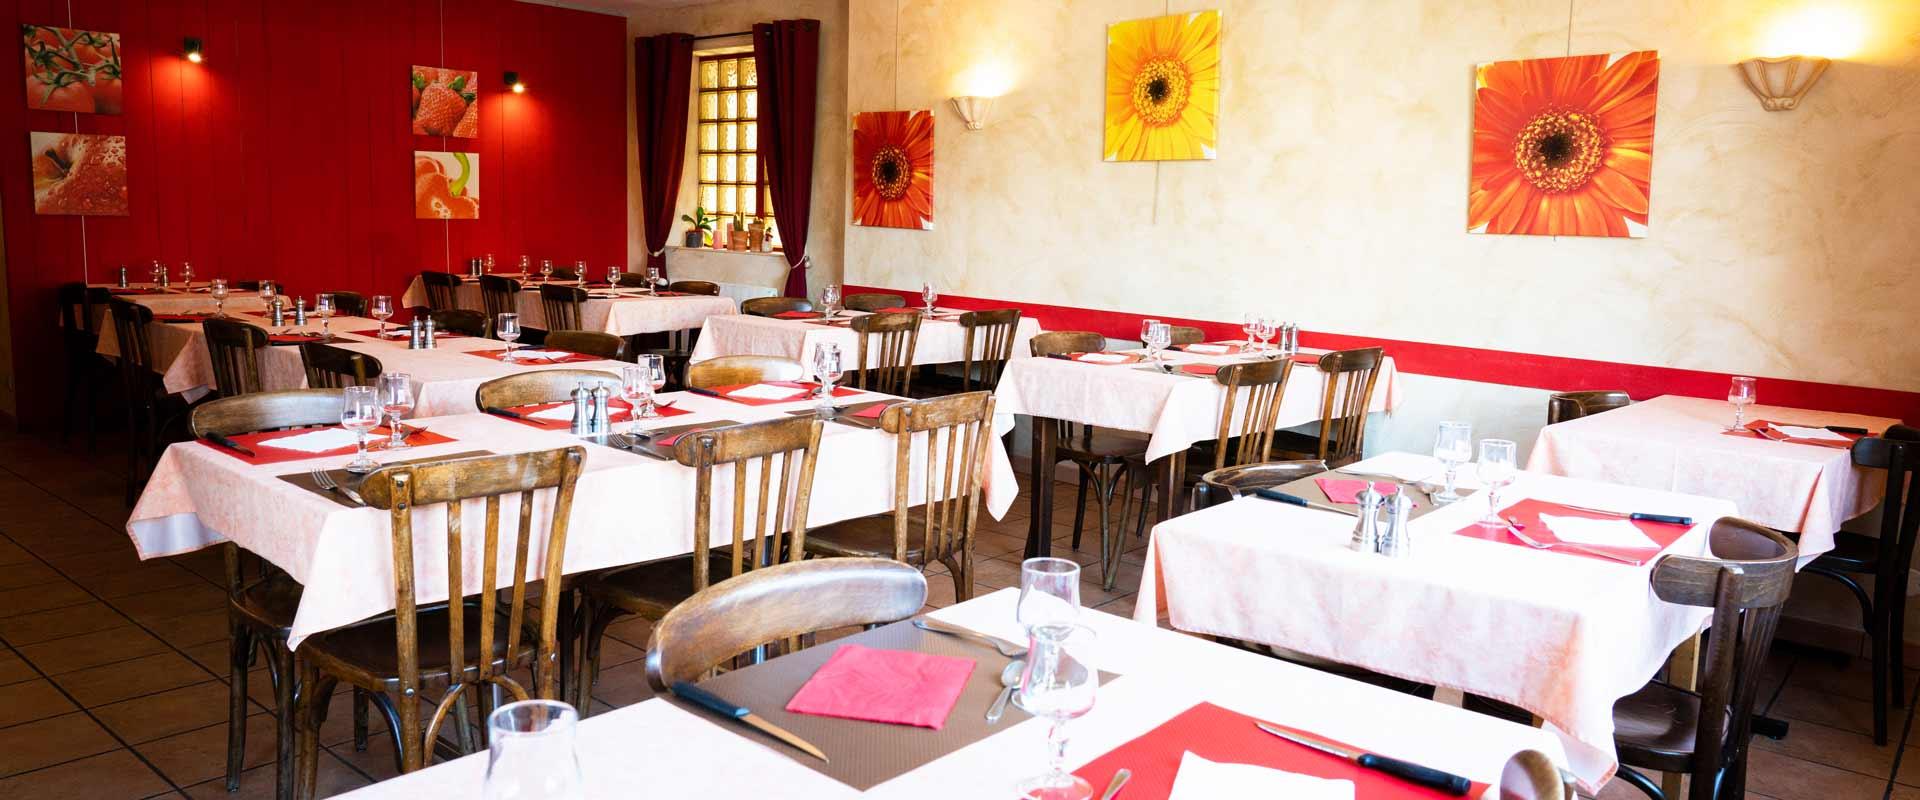 Restaurant et Hôtel à Pierrefitte-Nestalas